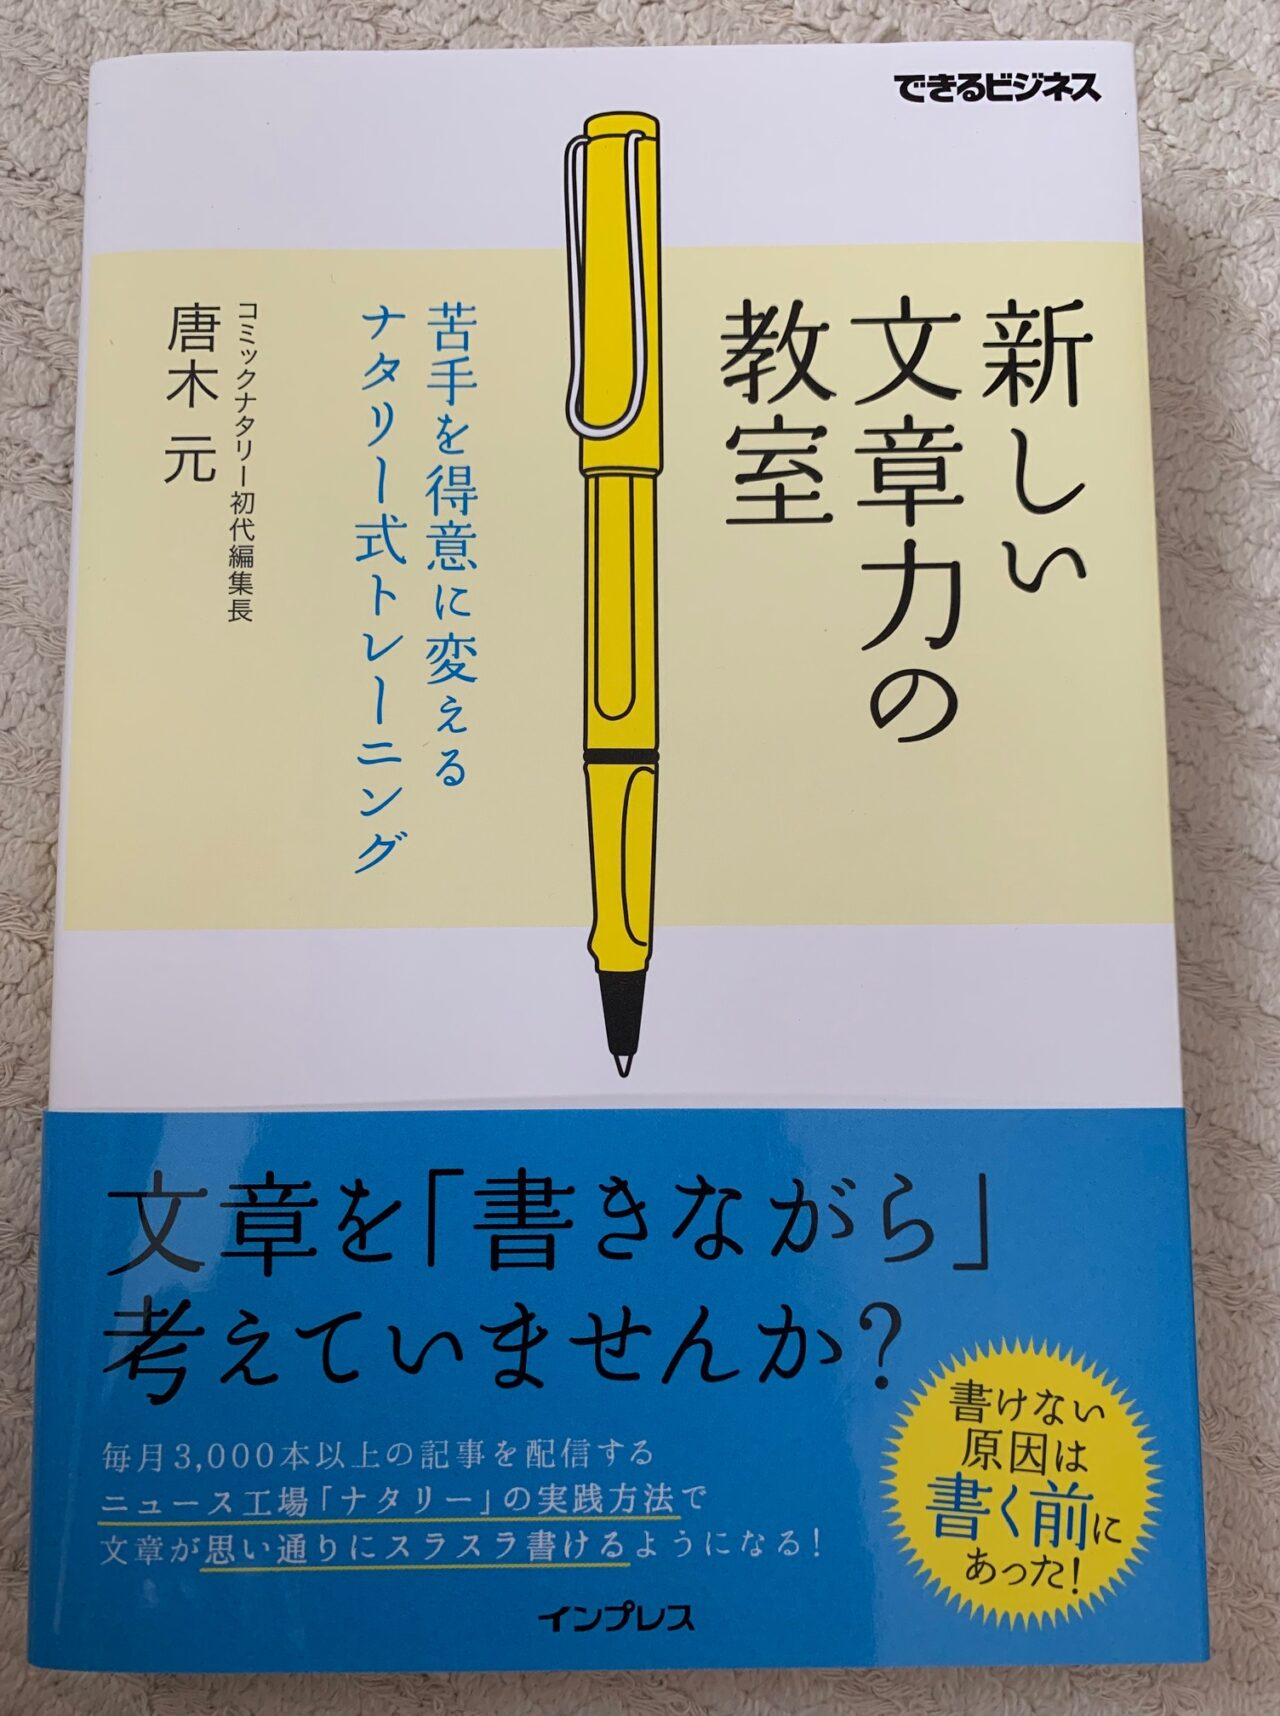 【書評】「新しい文章力の教室」を読んでみました